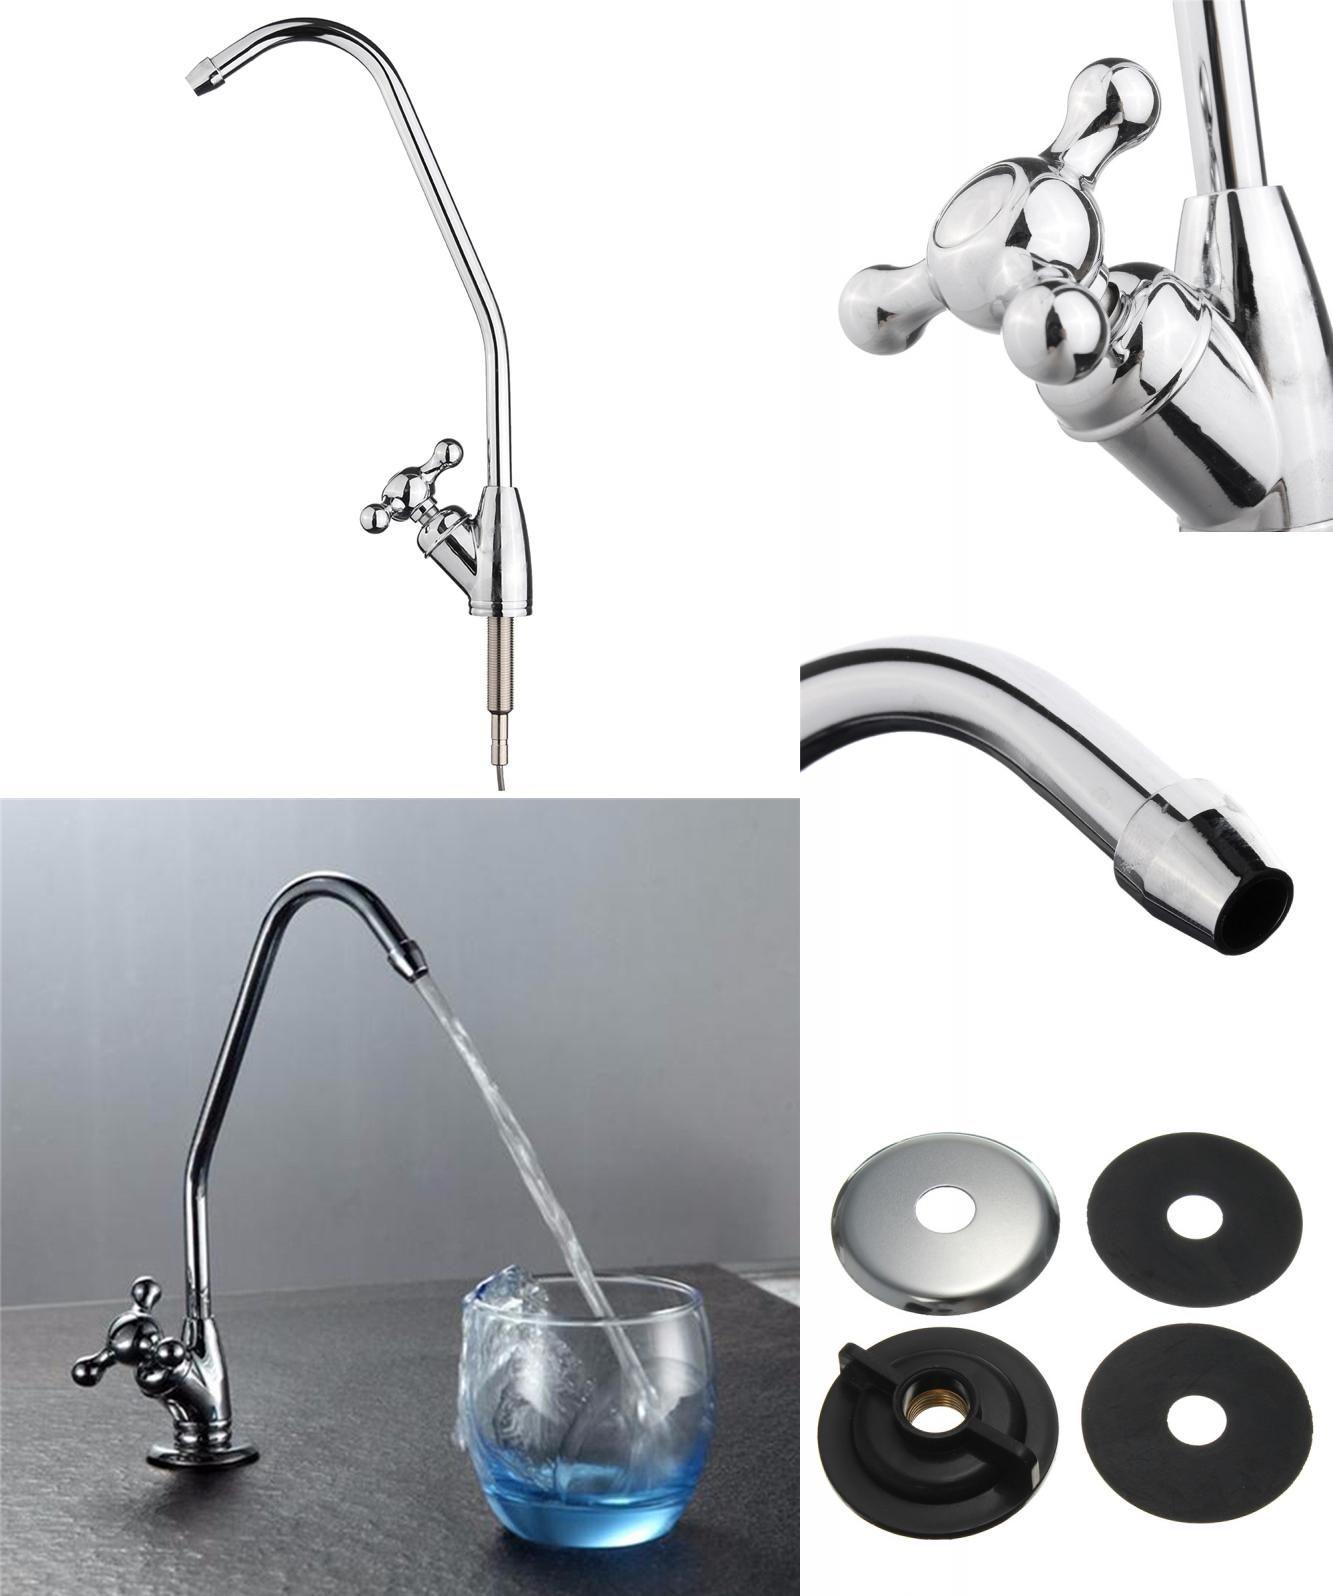 visit to buy water filter faucet reverse osmosis gooseneck